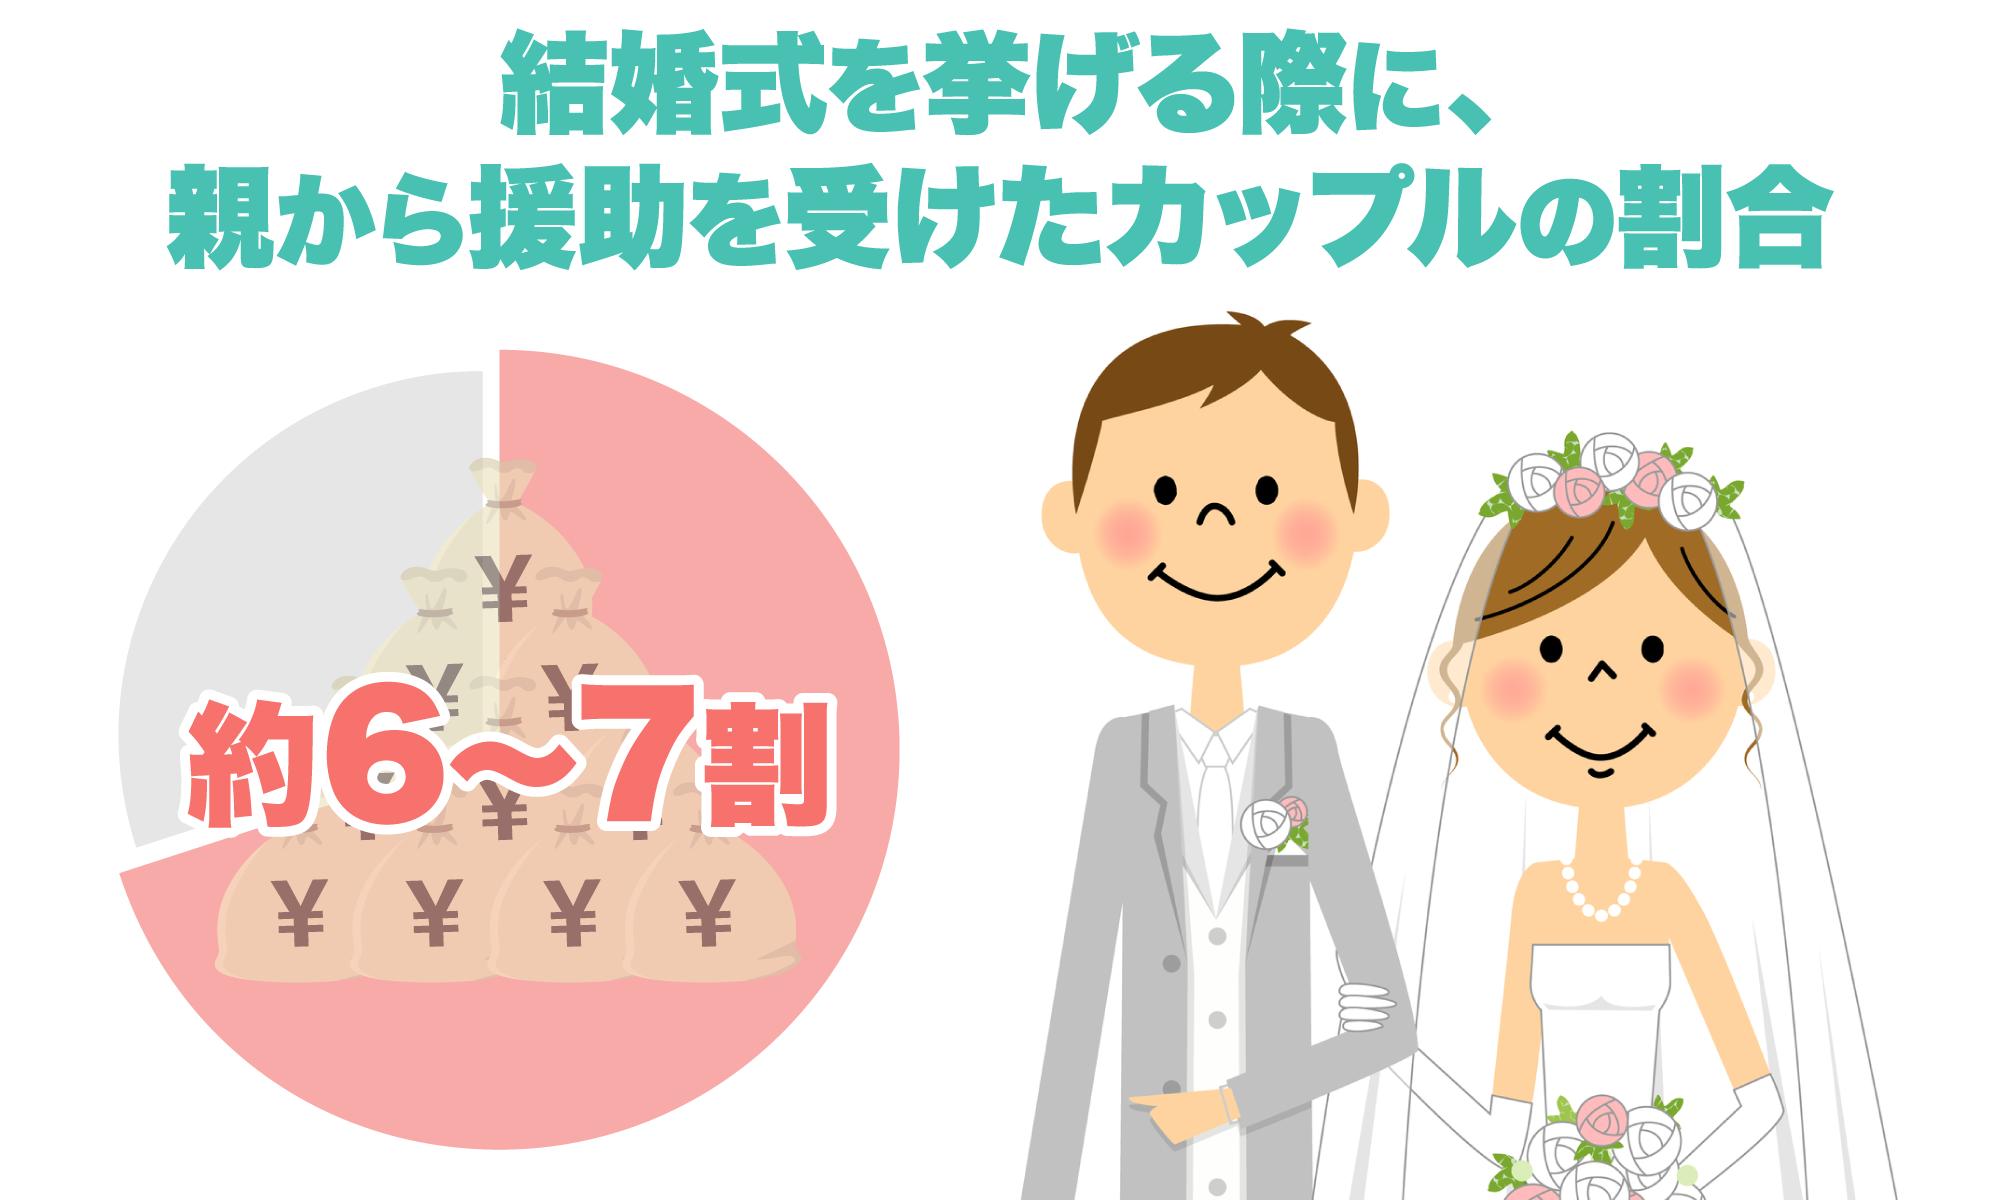 結婚式を挙げる際に、親から援助を受けたカップルの割合は約6割~7割